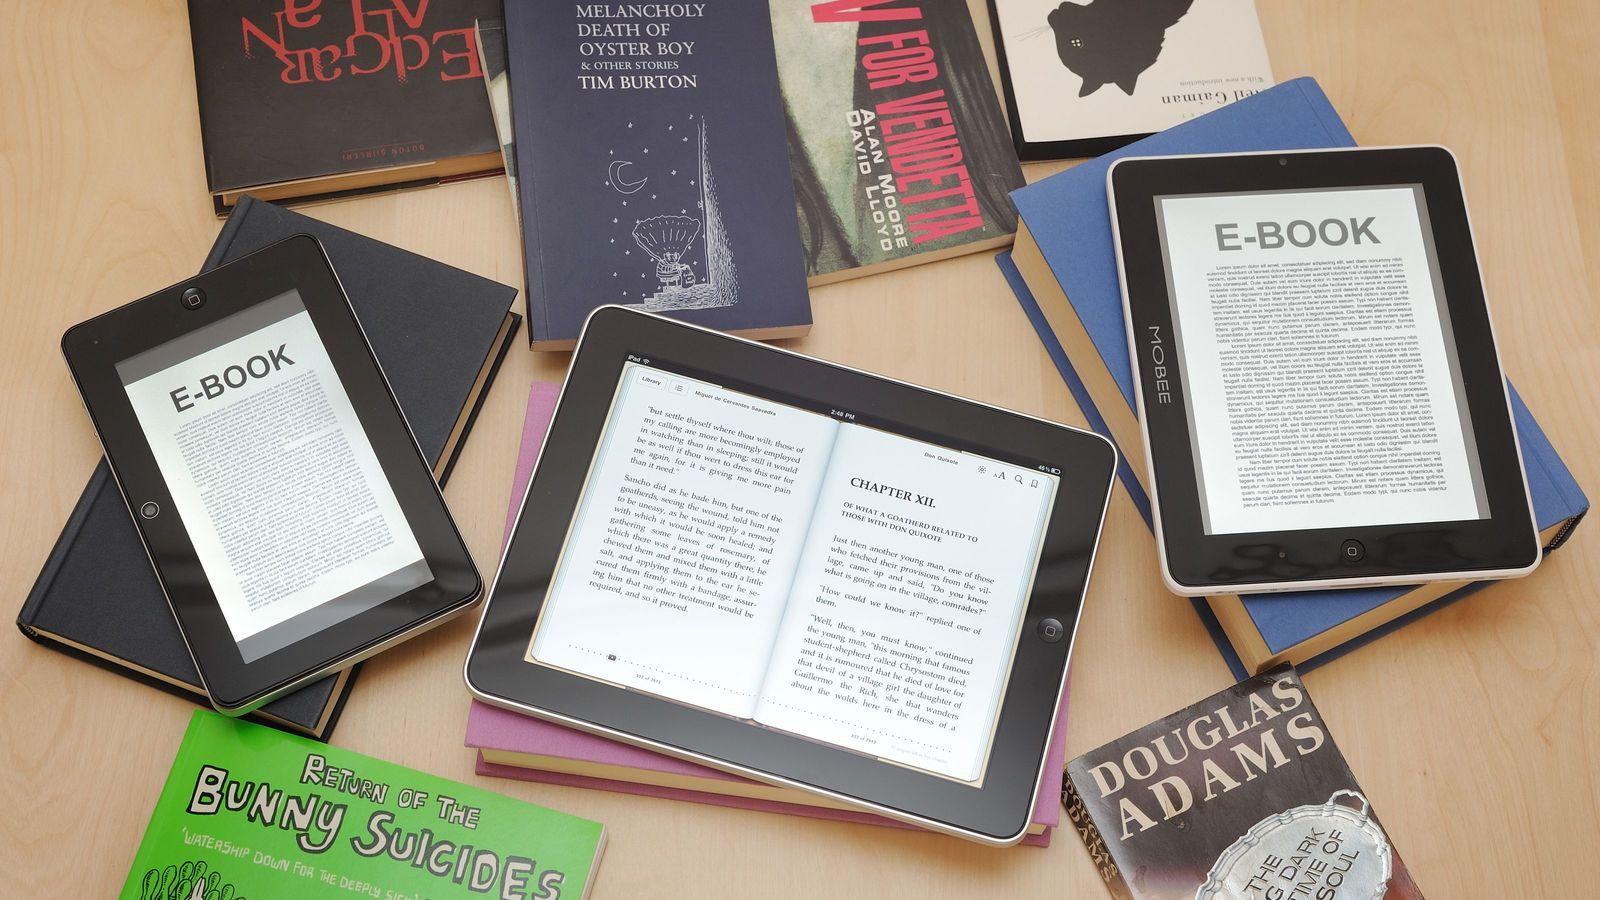 UCLA所長「紙の本だけでなく、電子書籍で読書できる脳を鍛えよ」 京大生もデジタル読書力を習得